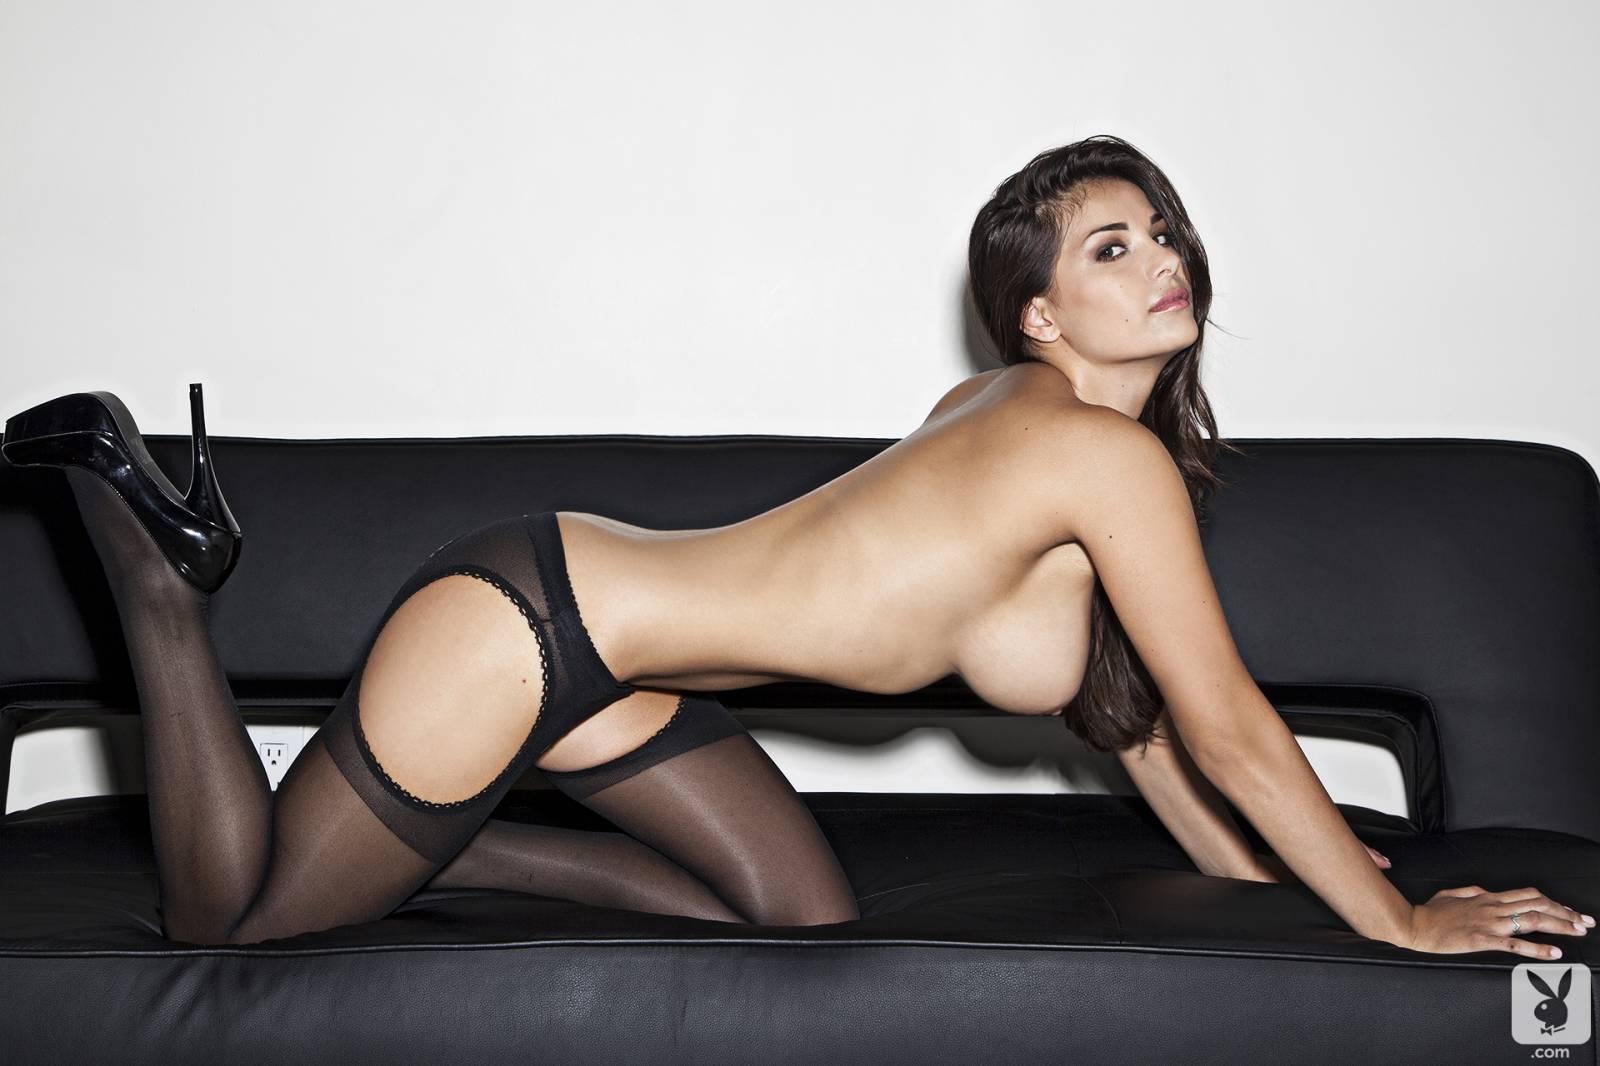 Секси девушки в колготках 9 фотография